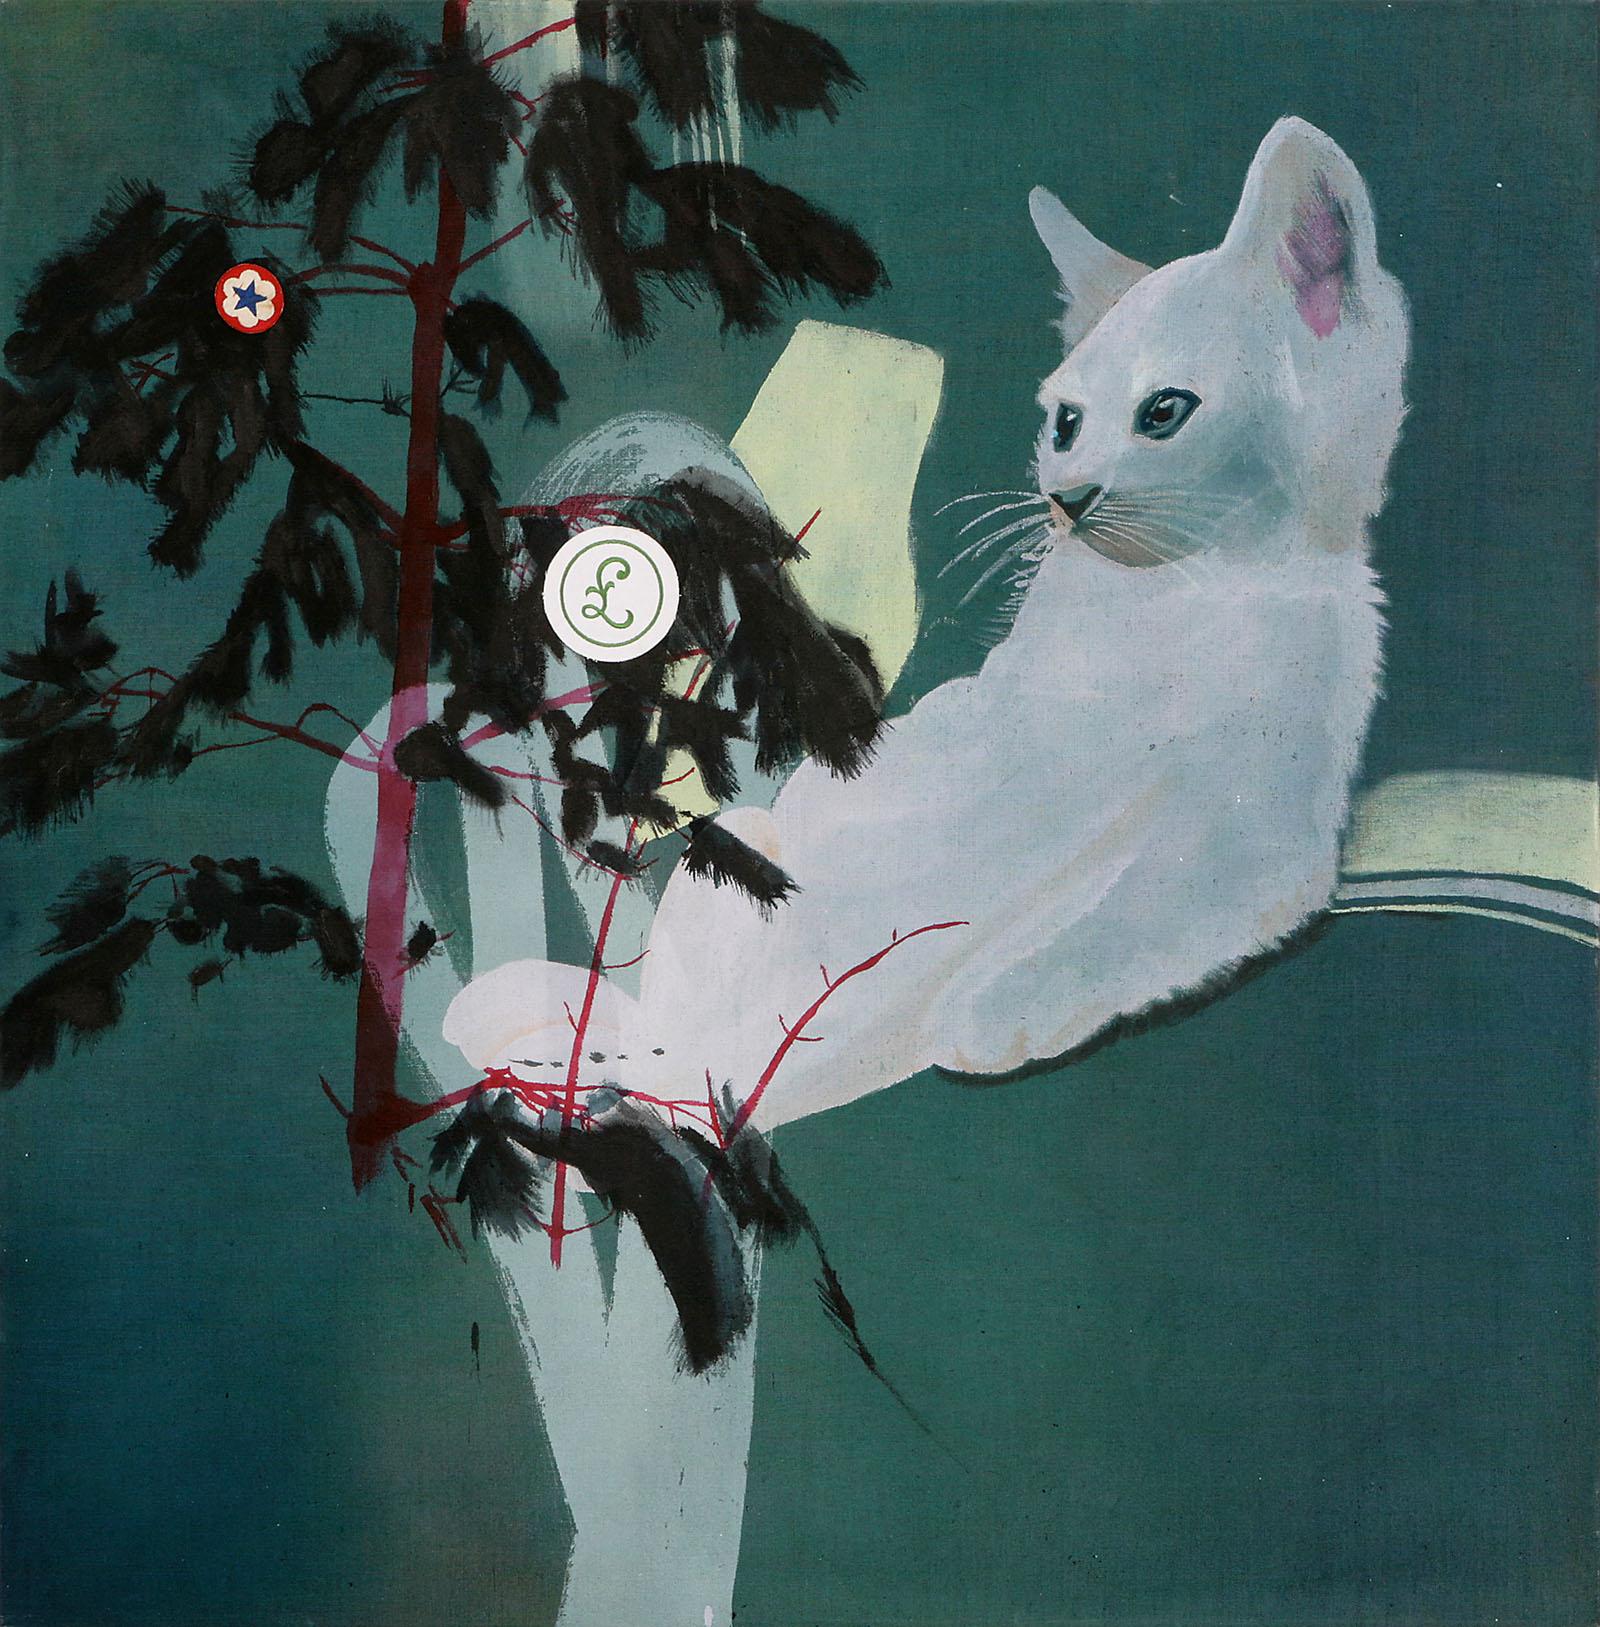 """o.T. aus """"Krähen Kommen"""", 2008, 130 x 130 cm, Mischtechnik & Applikationen auf Leinwand"""